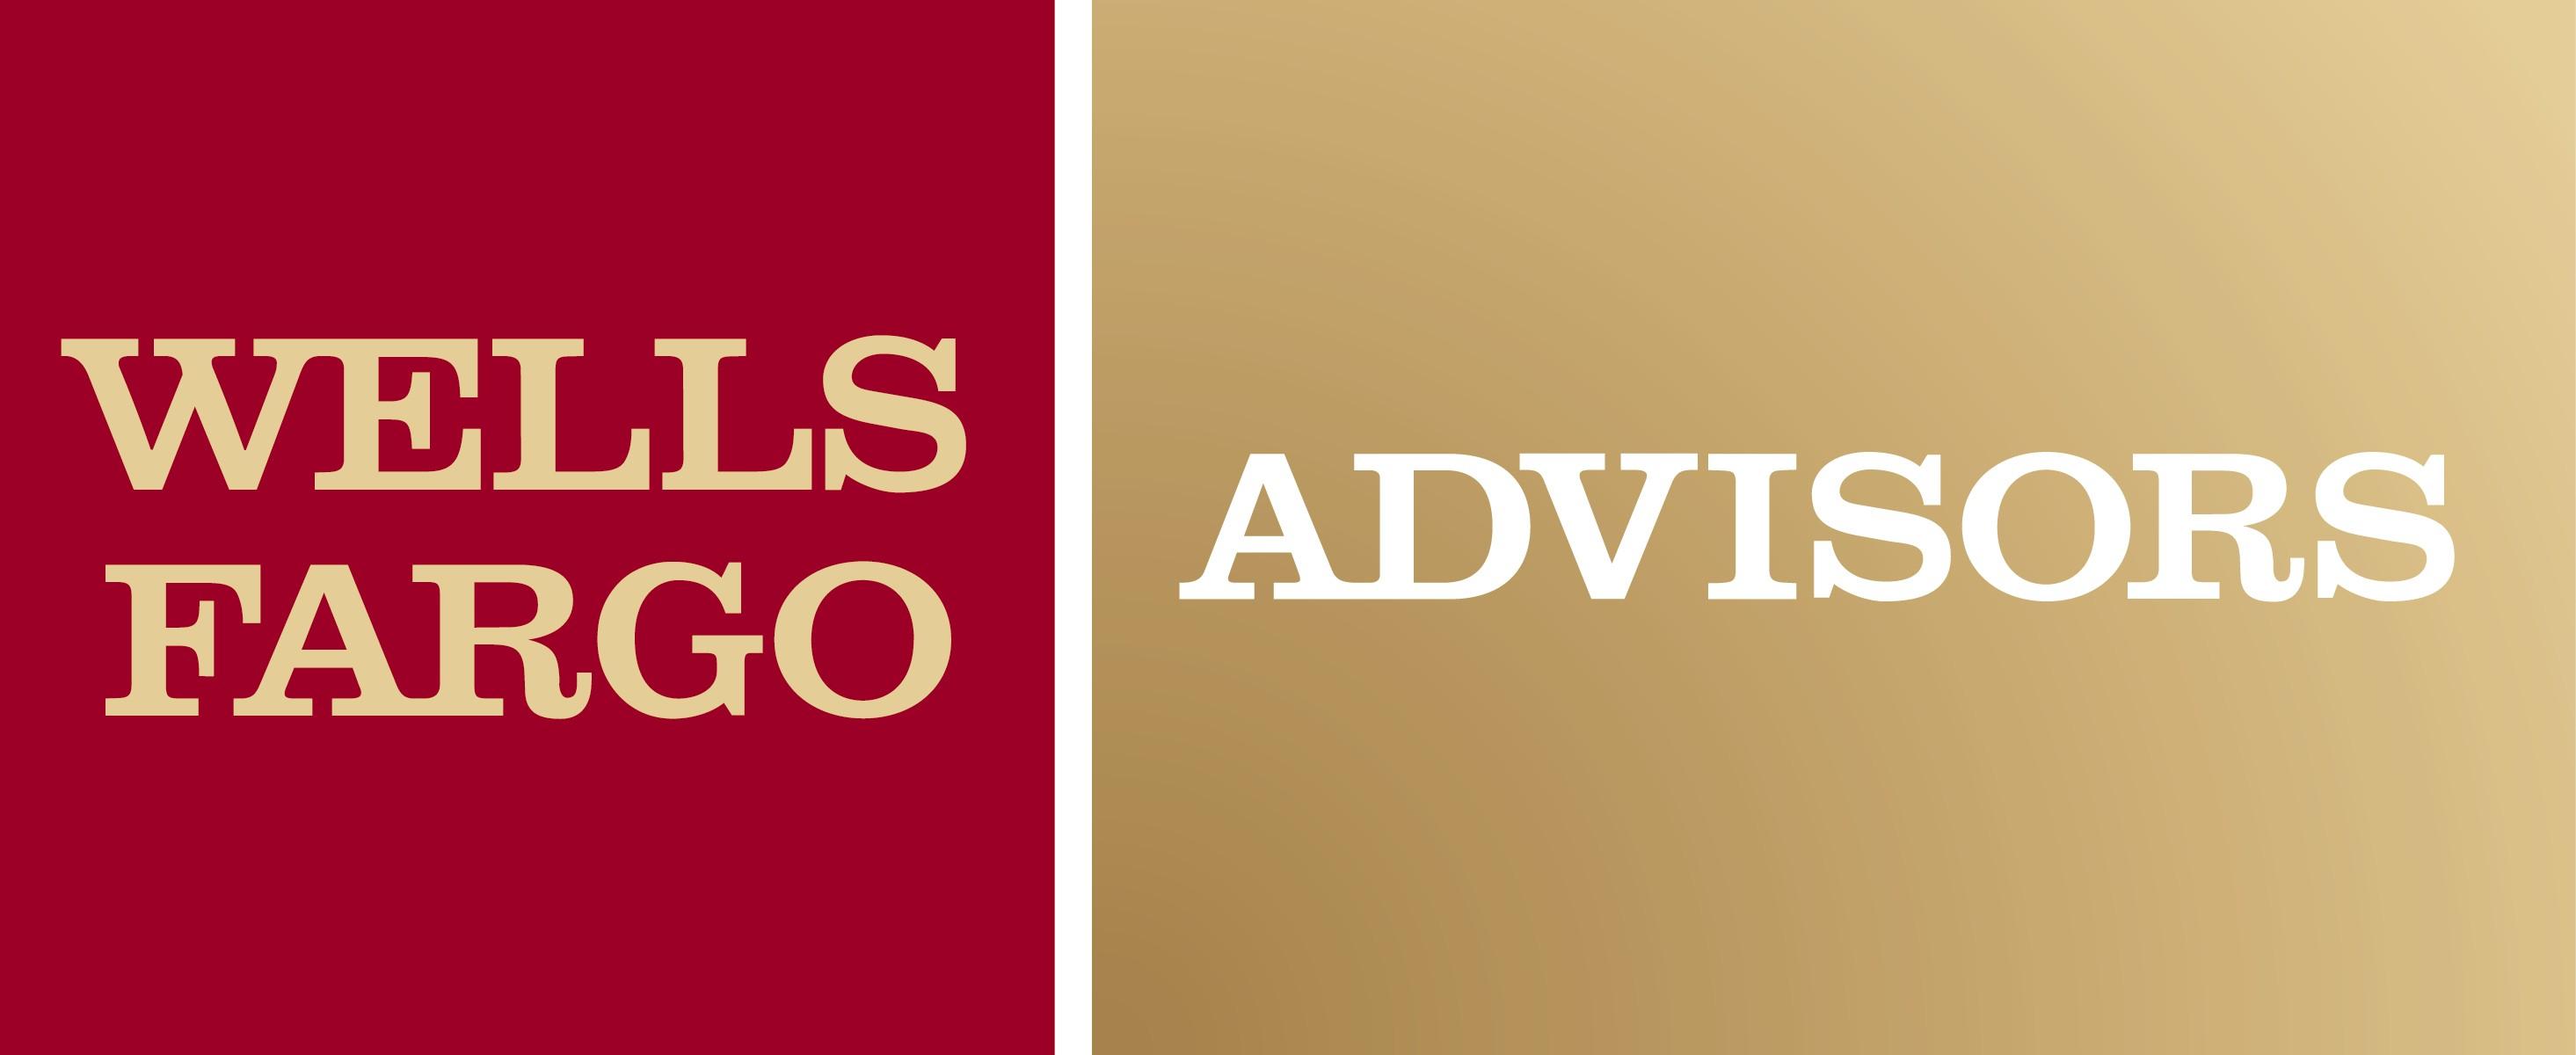 Wells Fargo Advisors LLC